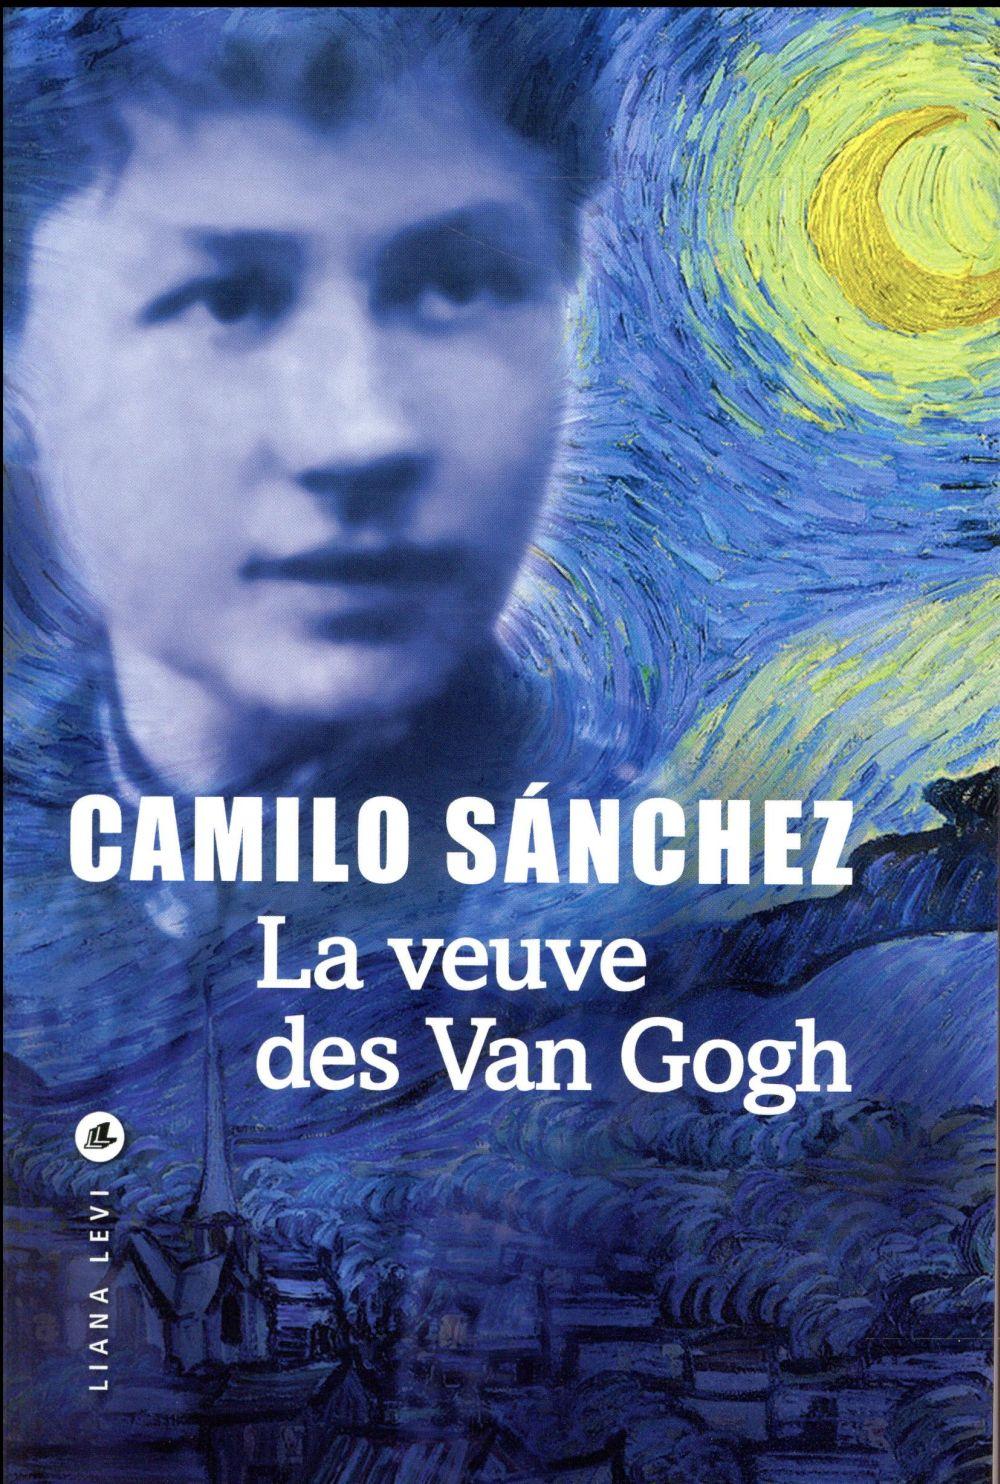 Sánchez Camilo - LA VEUVE DES VAN GOGH